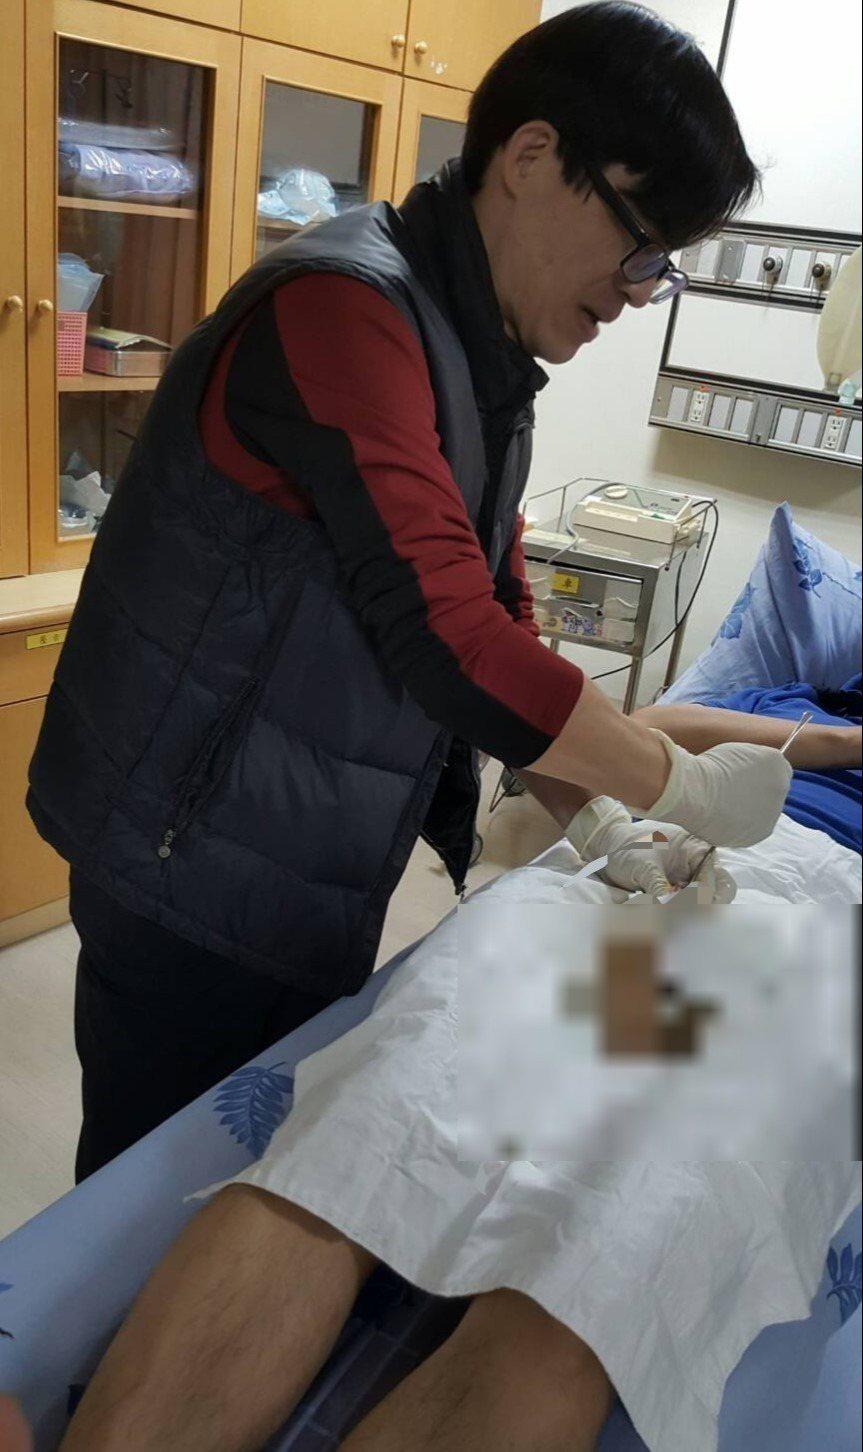 高雄市立民生醫院泌尿科主任蔡秀男31日凌晨接獲一名排尿困難急診的男性患者,緊急徒...